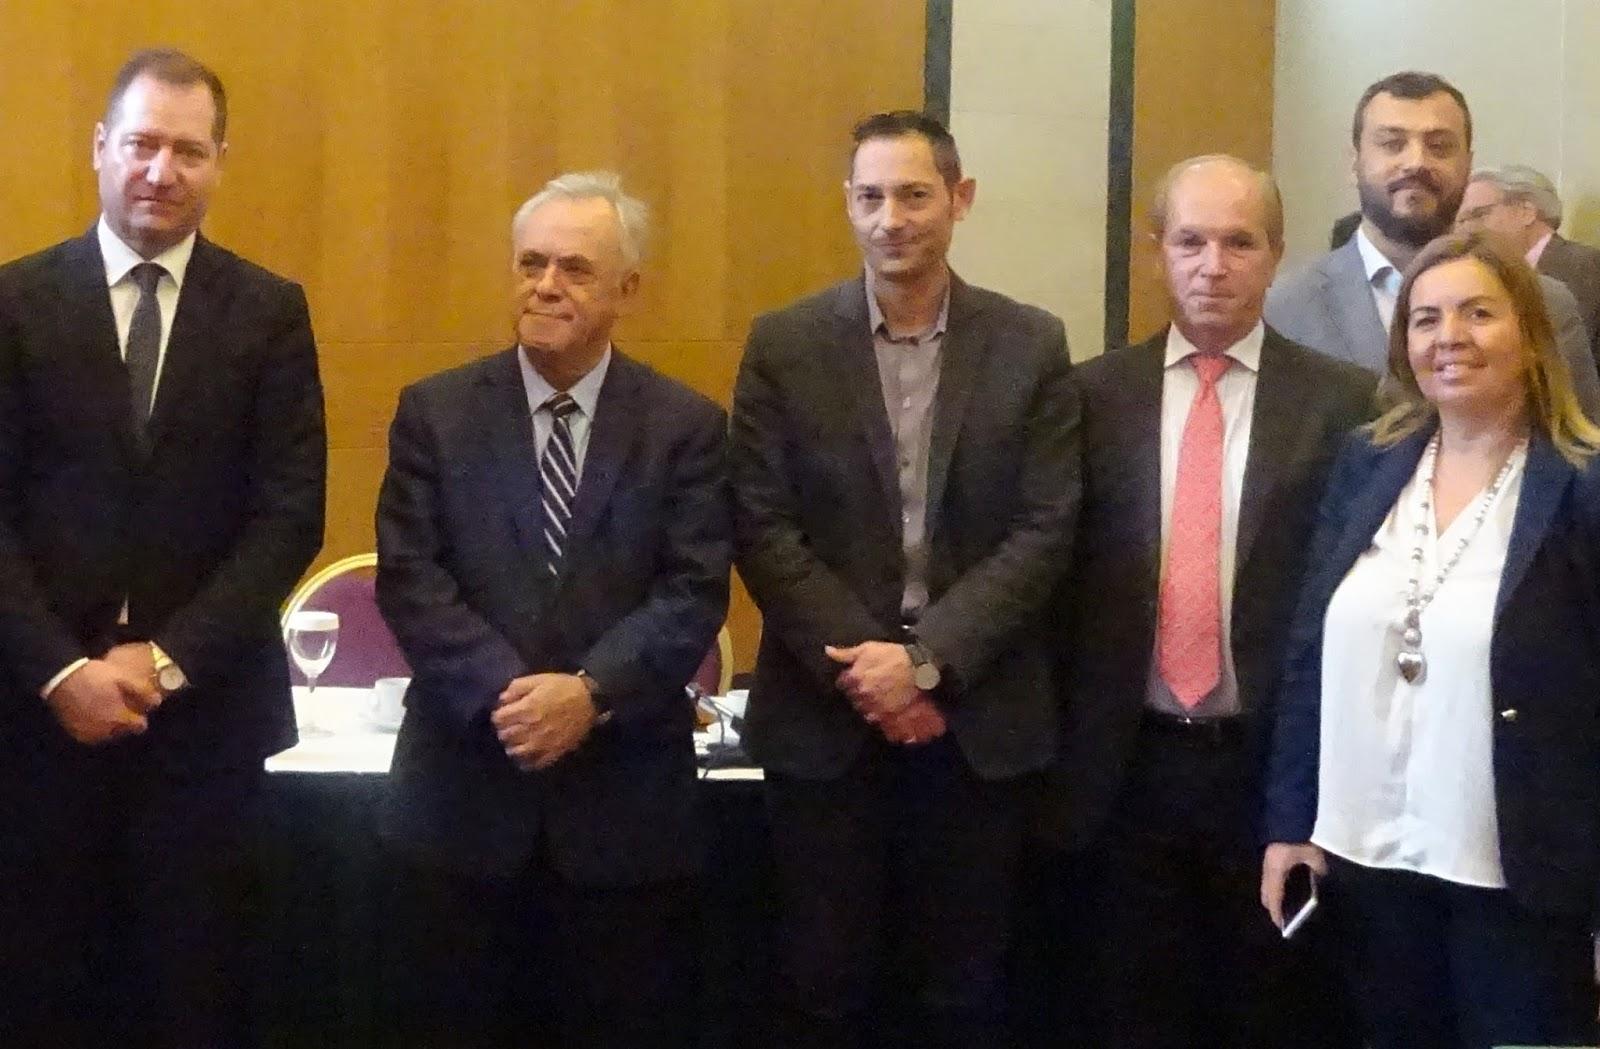 Συναντήσεις του ΣΘΕΒ με τον Αντιπρόεδρο της Κυβέρνησης κ. Δραγασάκη και τον Υπουργό Οικονομίας και Ανάπτυξης κ. Παπαδημητρίου στα πλαίσια του Αναπτυξιακού Συνεδρίου Θεσσαλίας